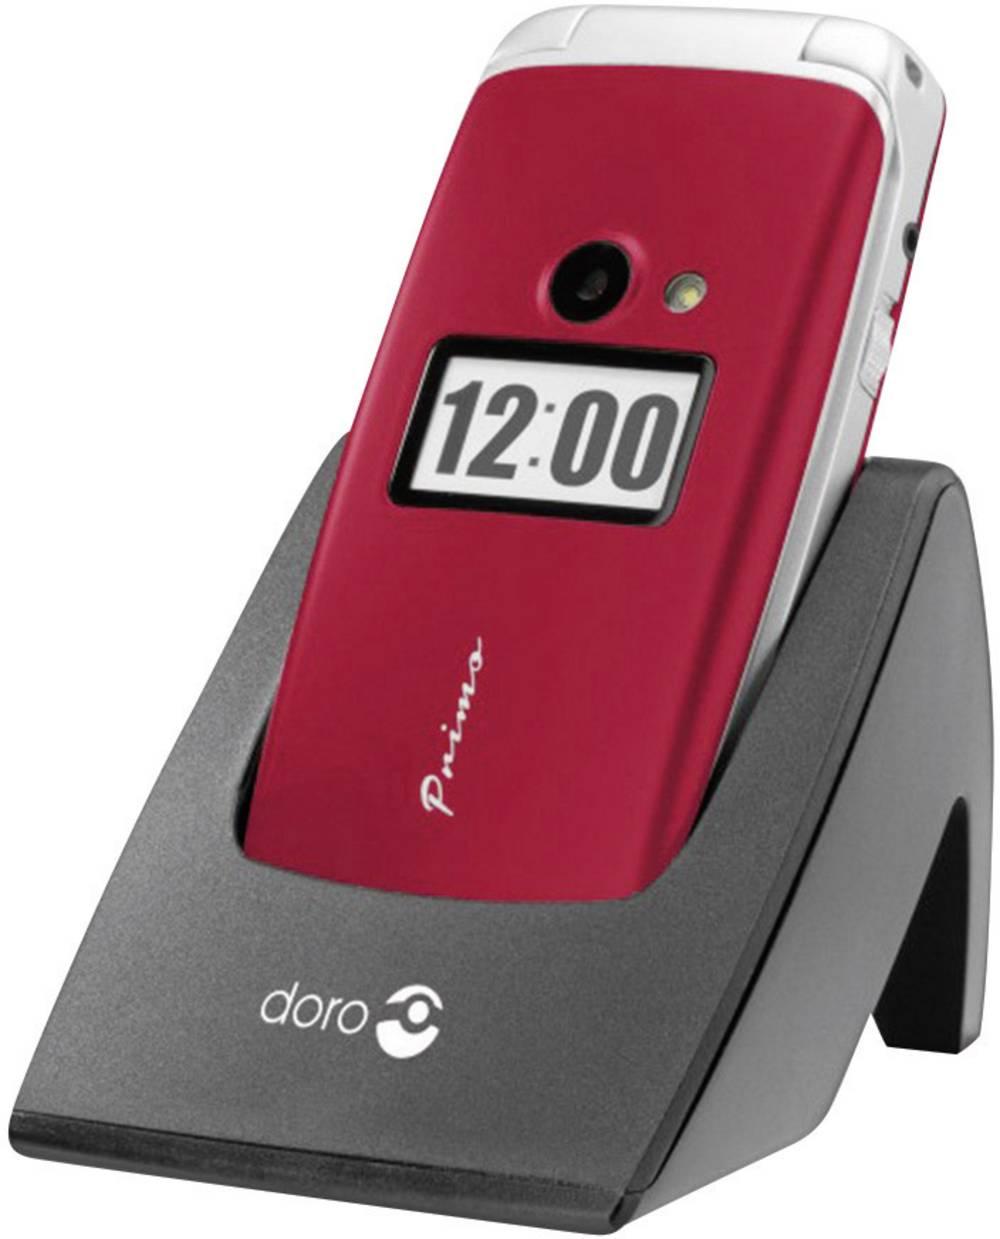 Doro Primo 413 Handy Mobilni telefon za starejše,velike tipke rdeča